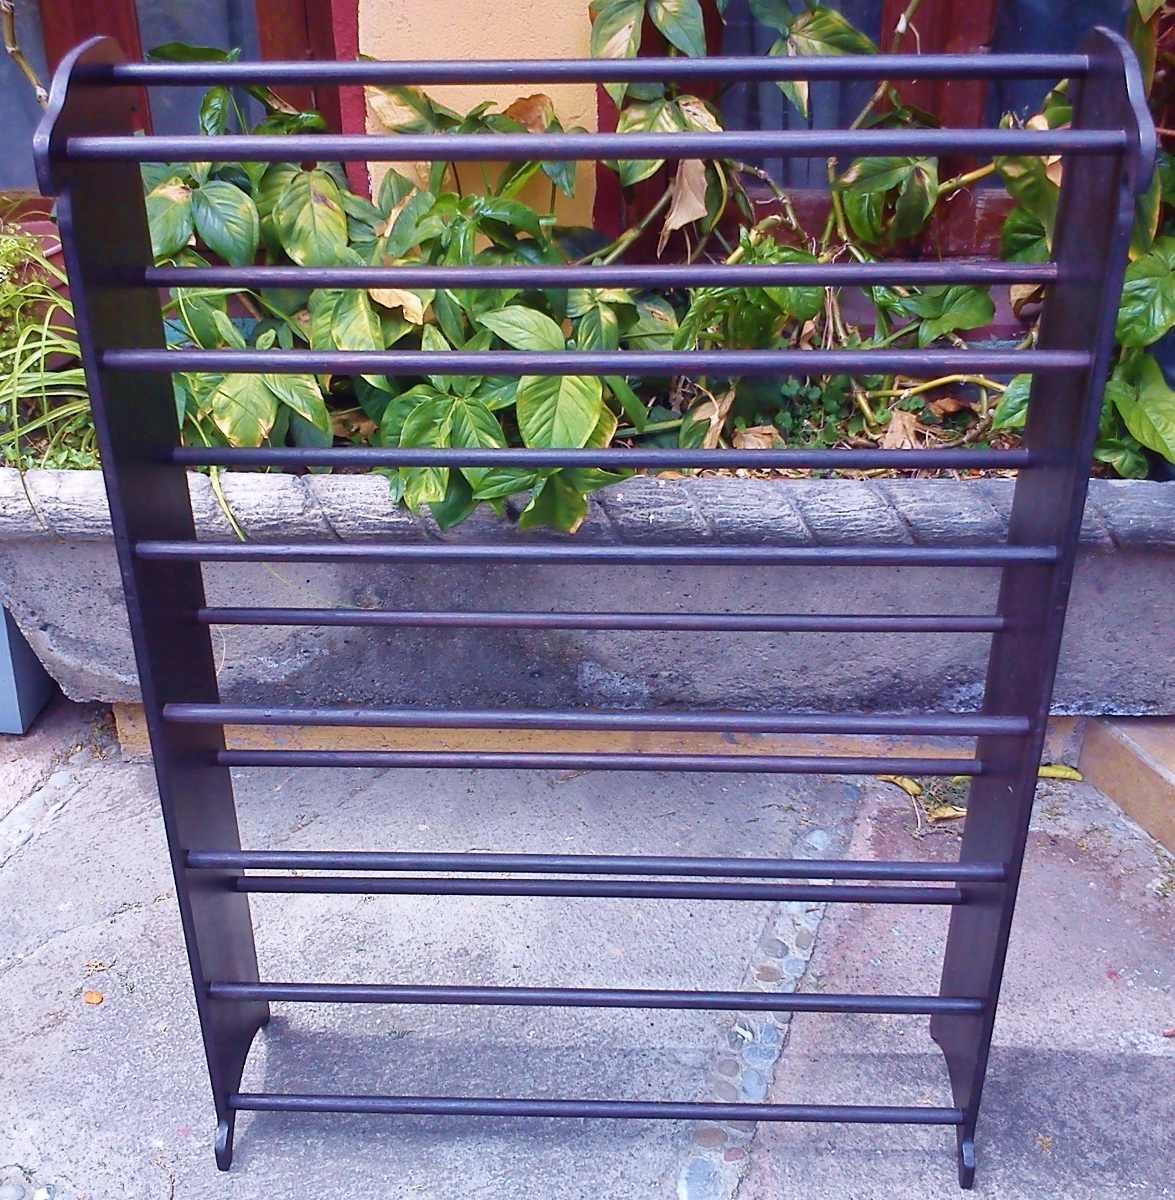 Zapatera de madera 1 en mercado libre for Zapateras de madera sencillas